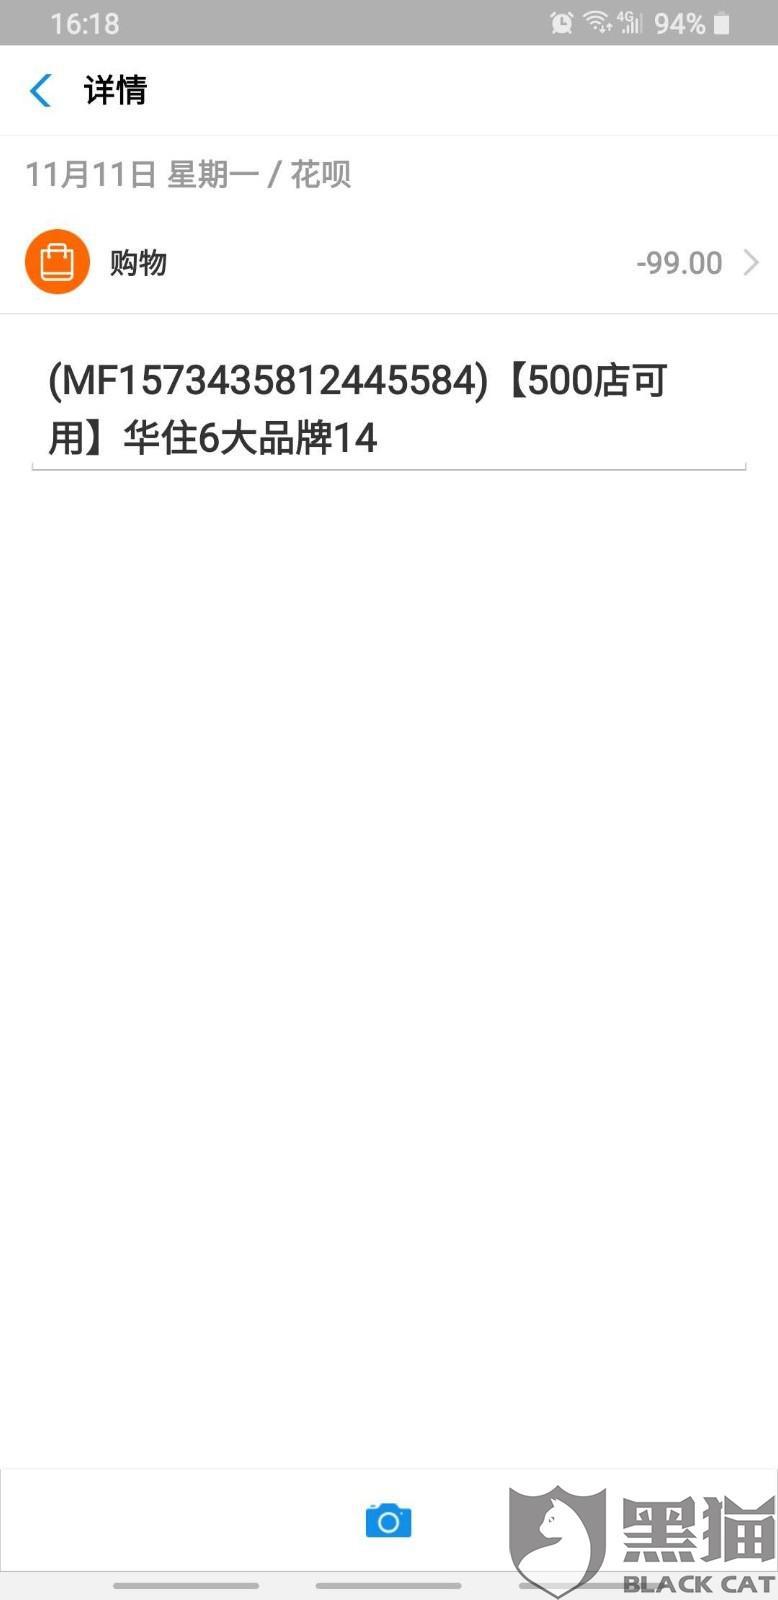 黑猫投诉:华住官方微客服用时22小时解决了消费者投诉